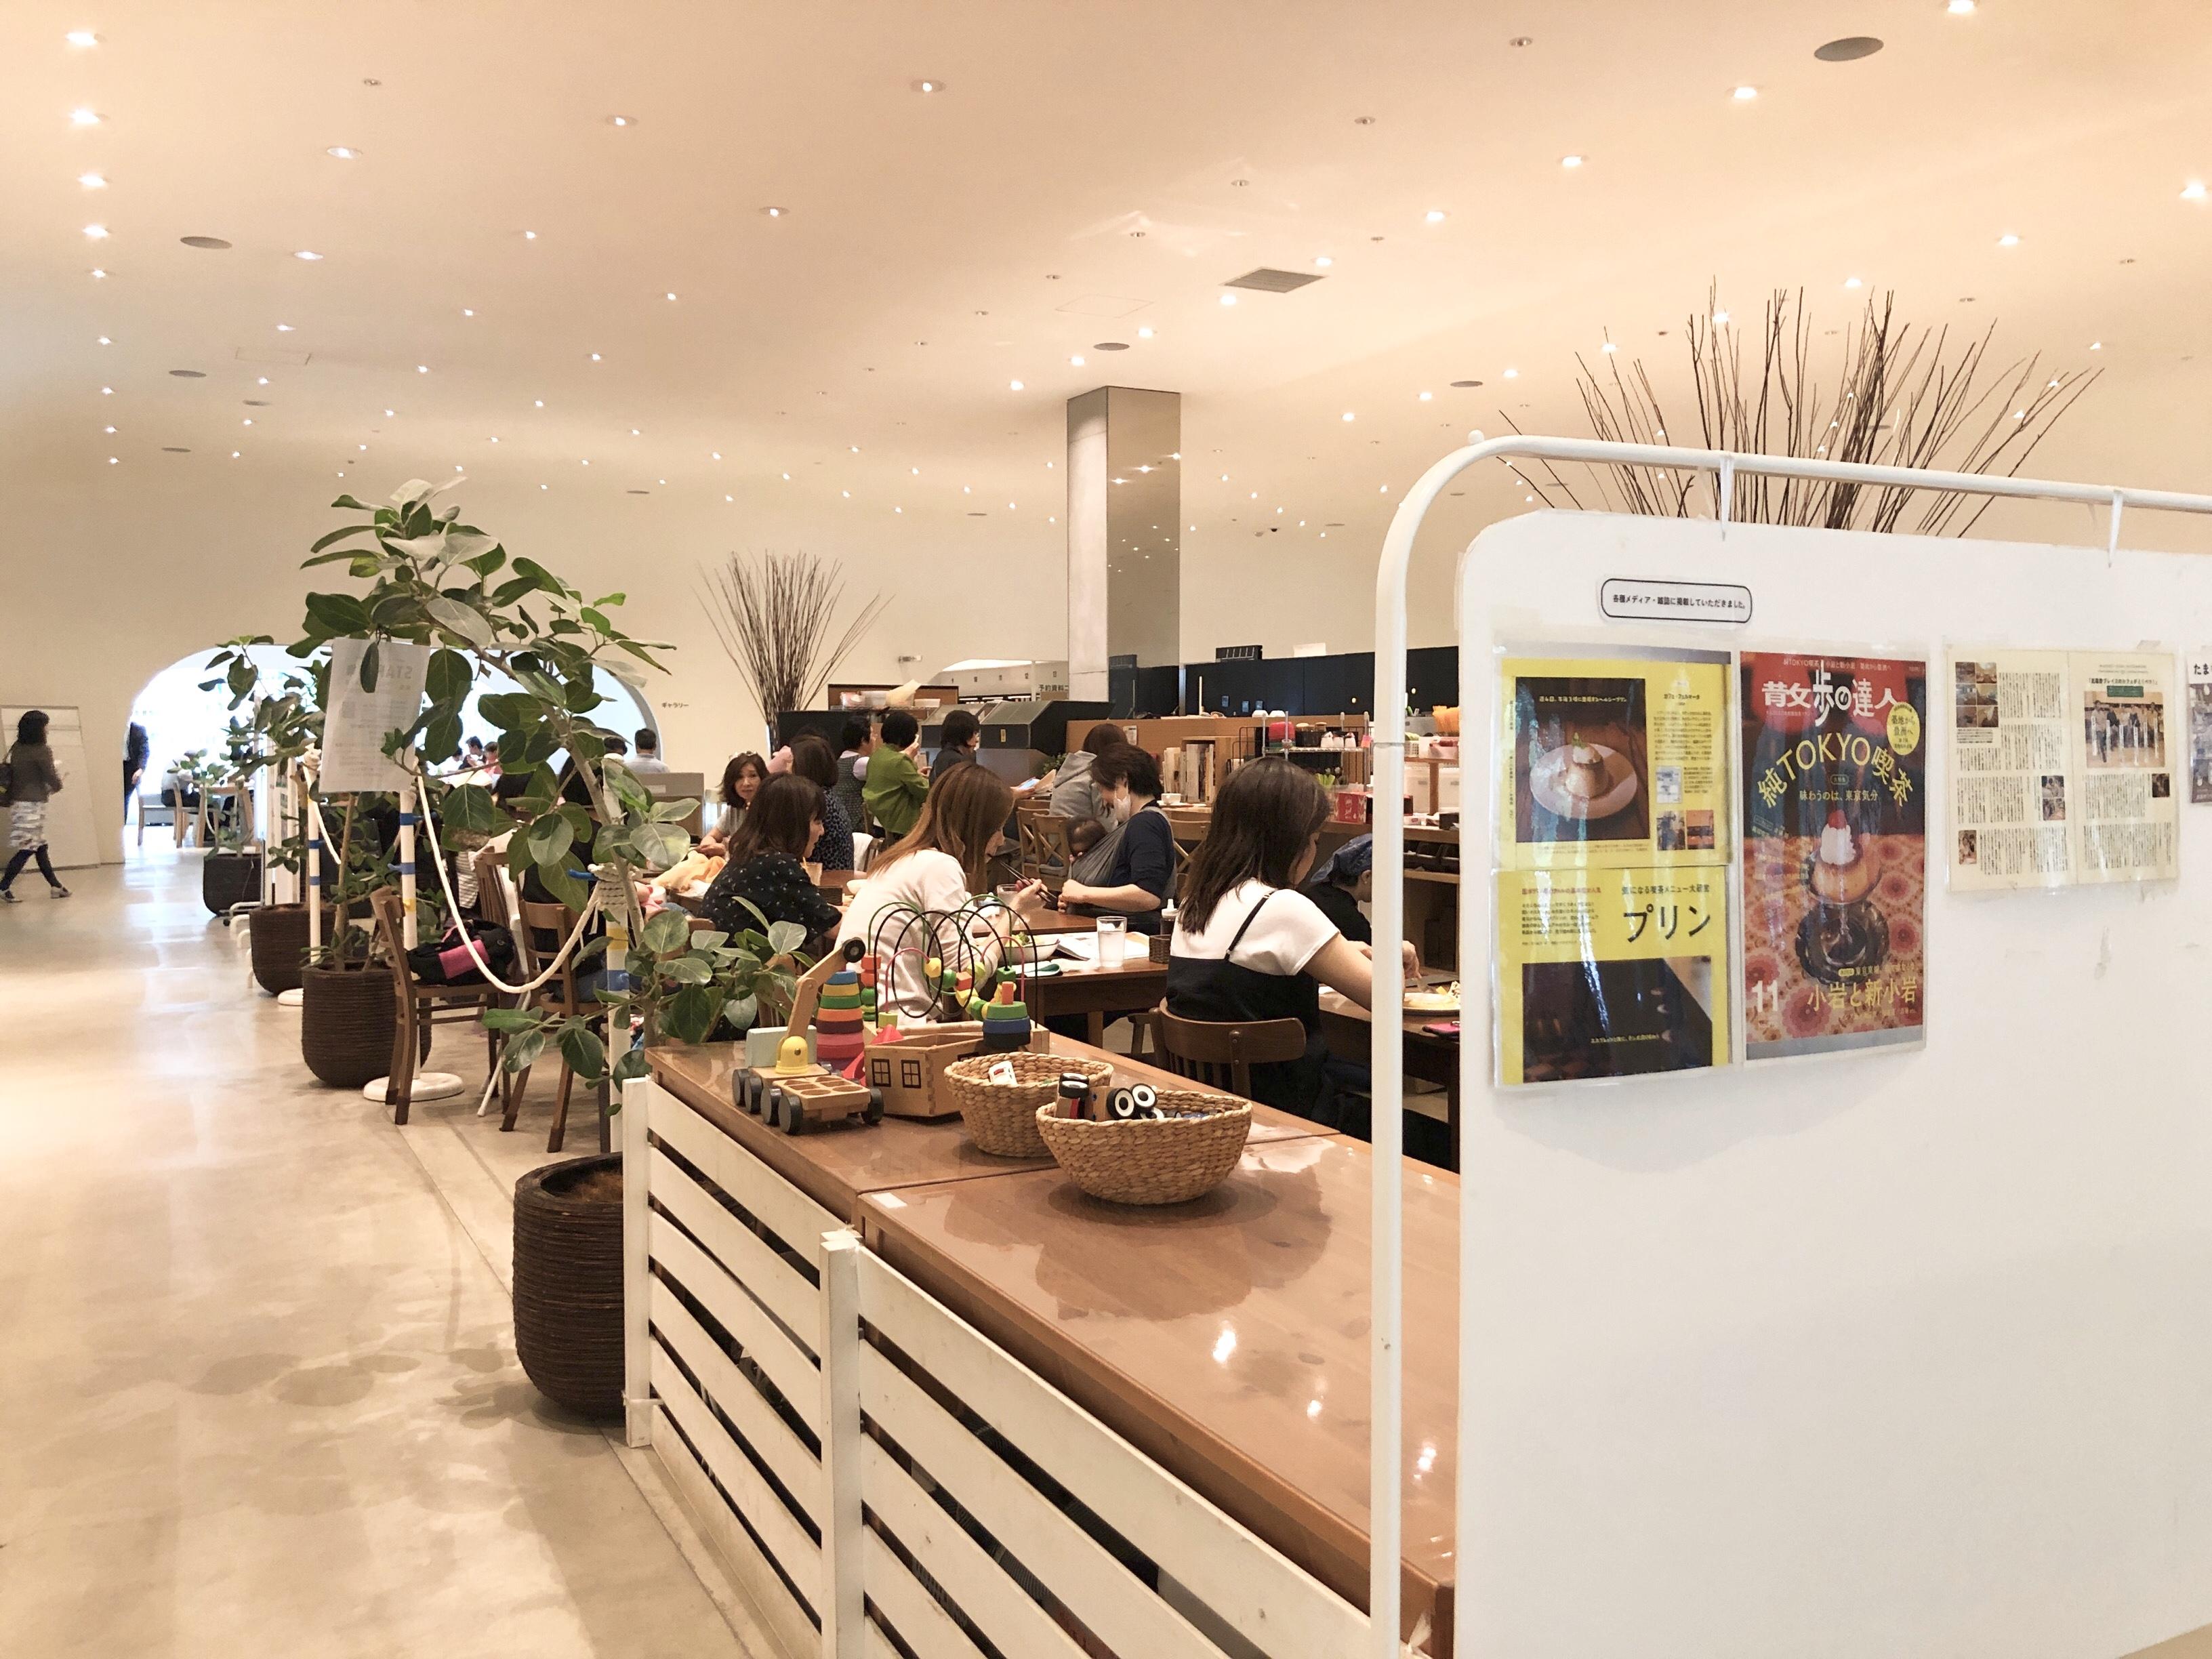 壁で囲われるでもなくオープンなカフェスペースです。